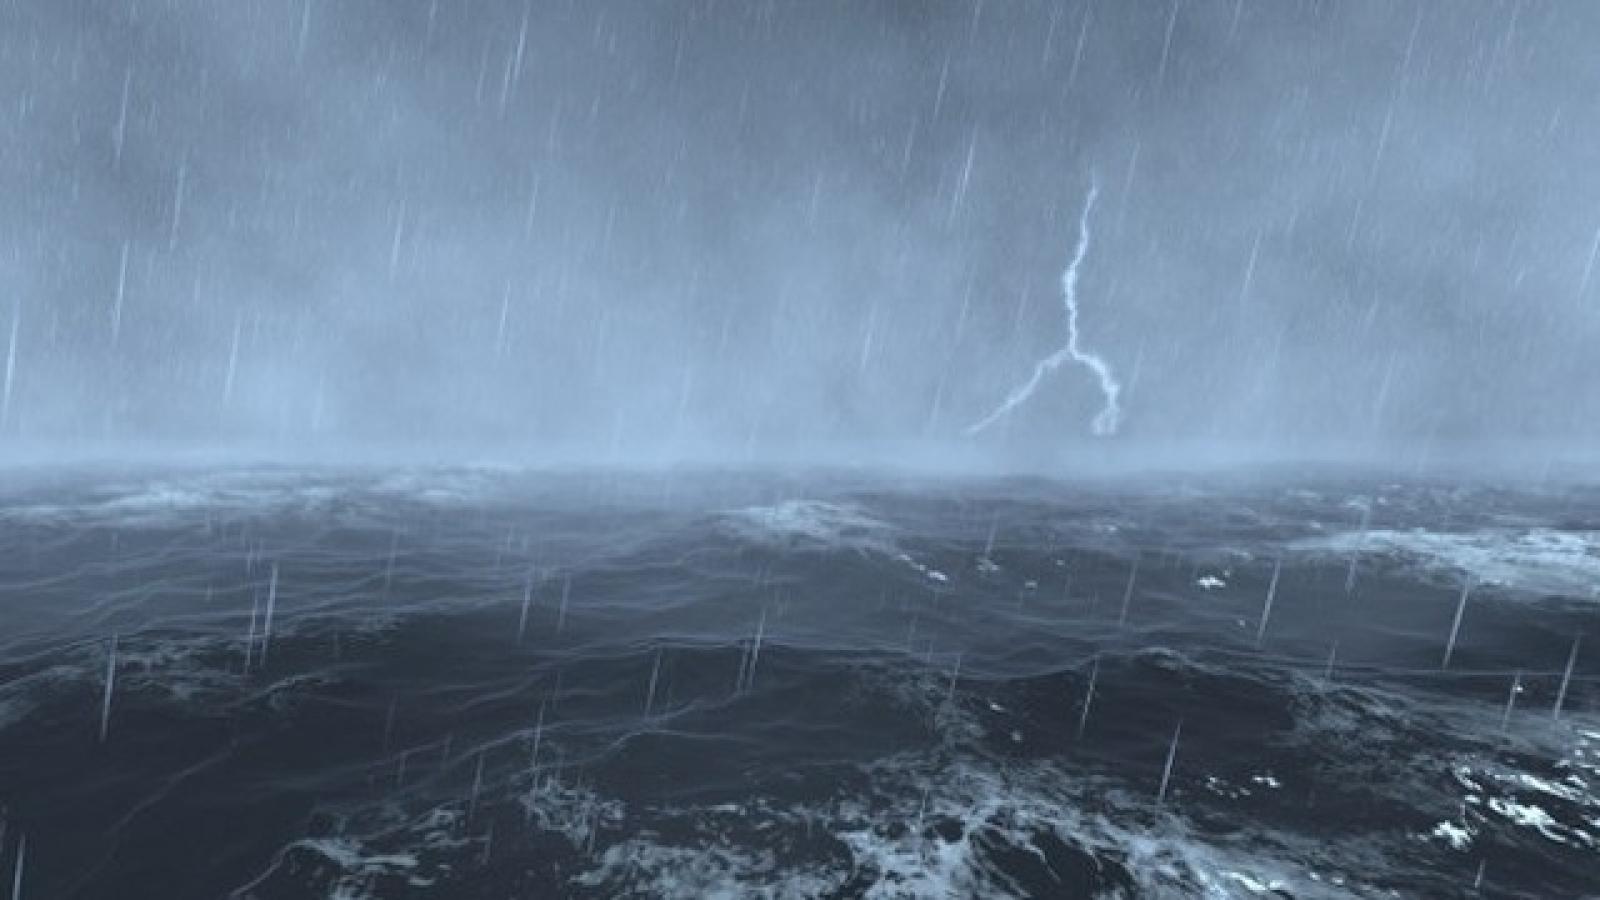 Áp thấp gây mưa lớn diện rộng tại các tỉnh miền Trung